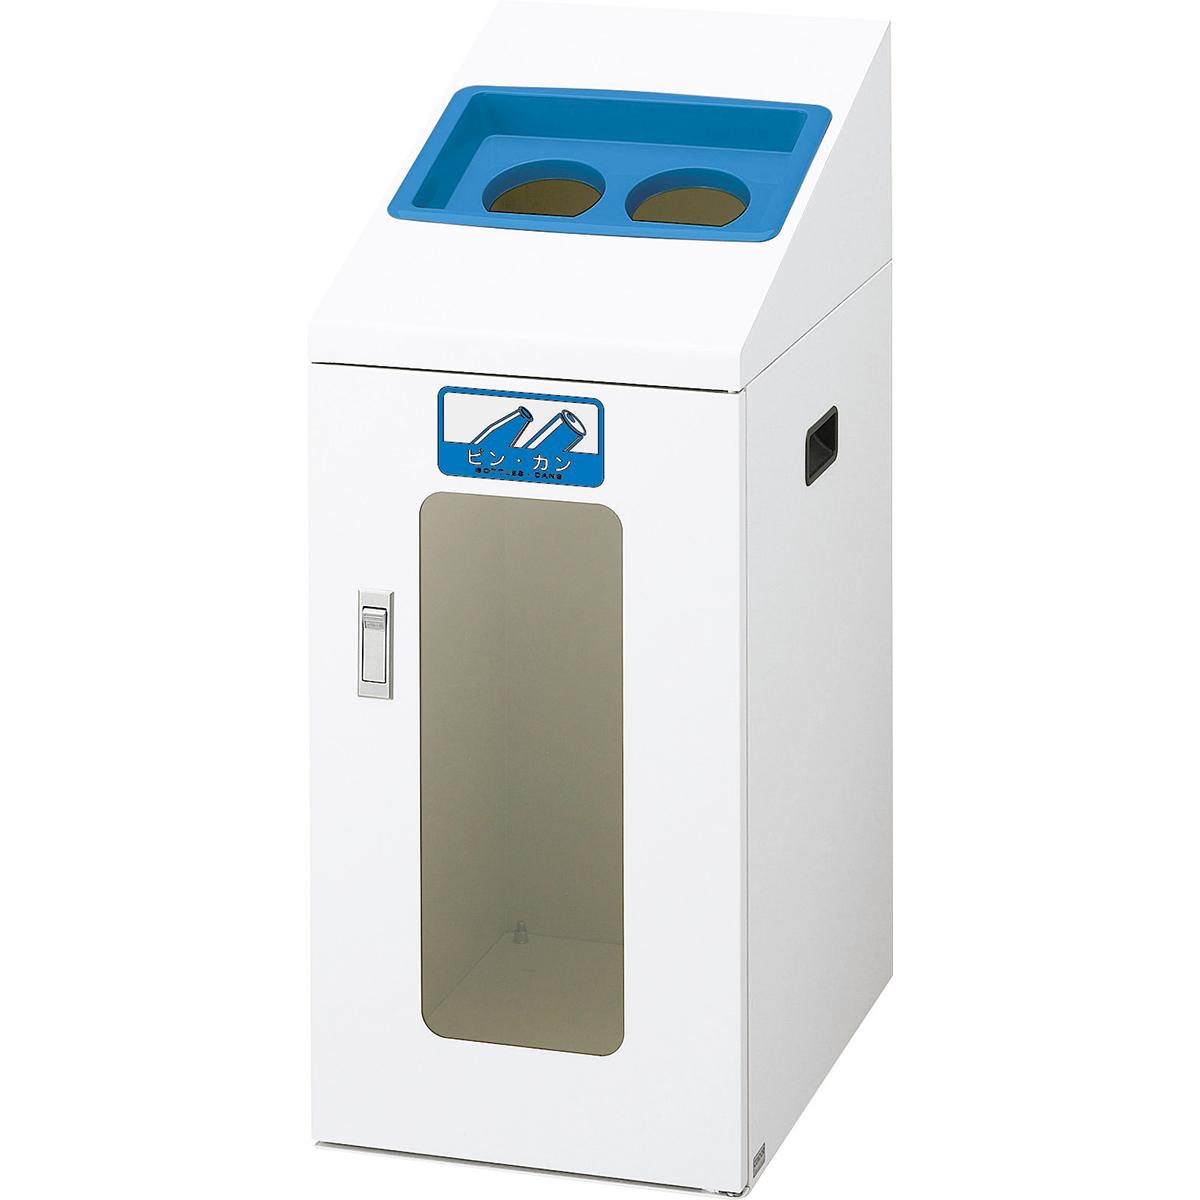 山崎産業 リサイクルボックス TIS-50 70L ビン・カン/BL(青) (代引不可) YW-360L-ID